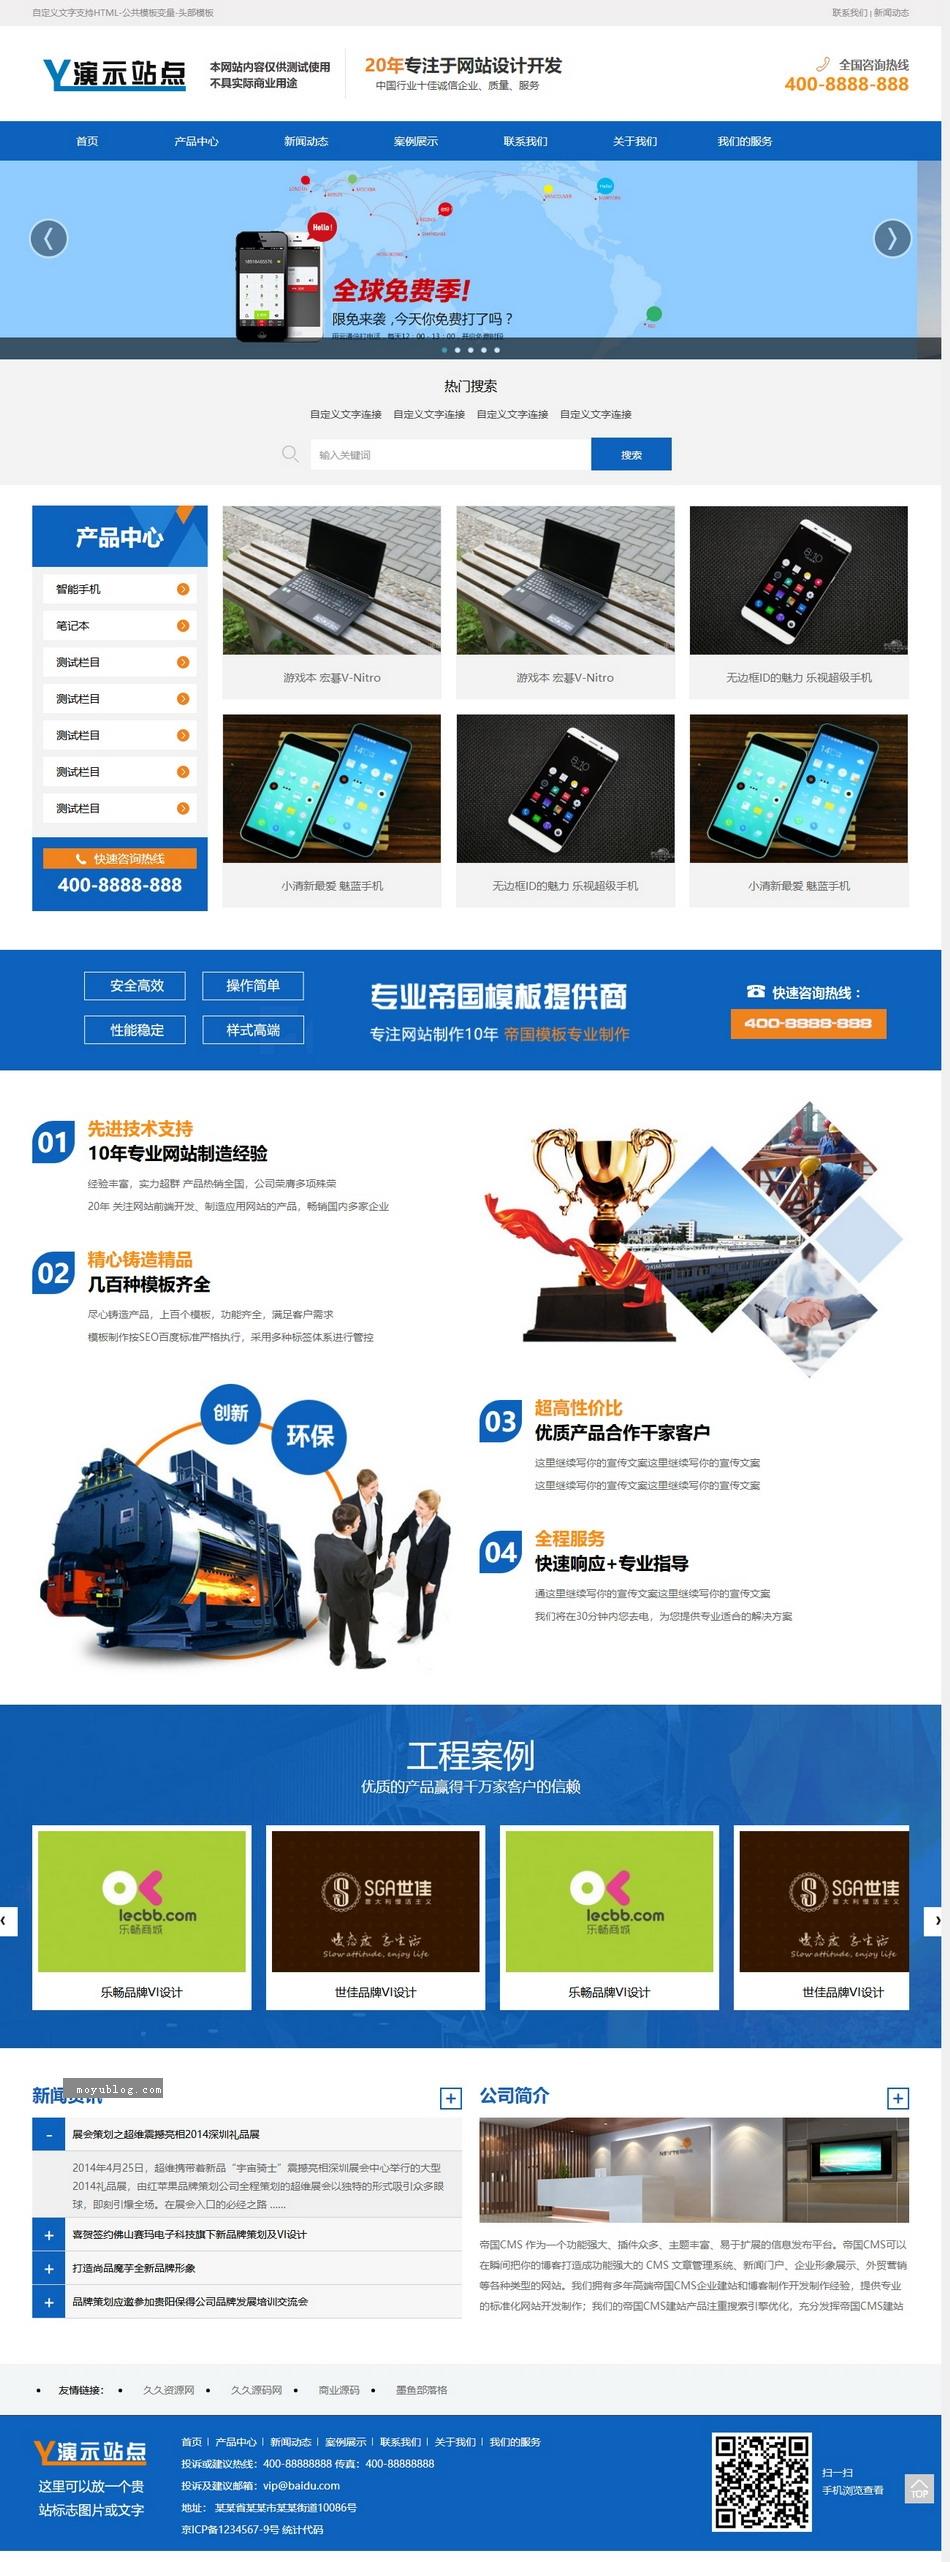 企业公司产品商品展示案例新闻HTML5自适应手机帝国CMS网站模板 帝国CMS网站模板 HTML5自适应 主题模板 第2张